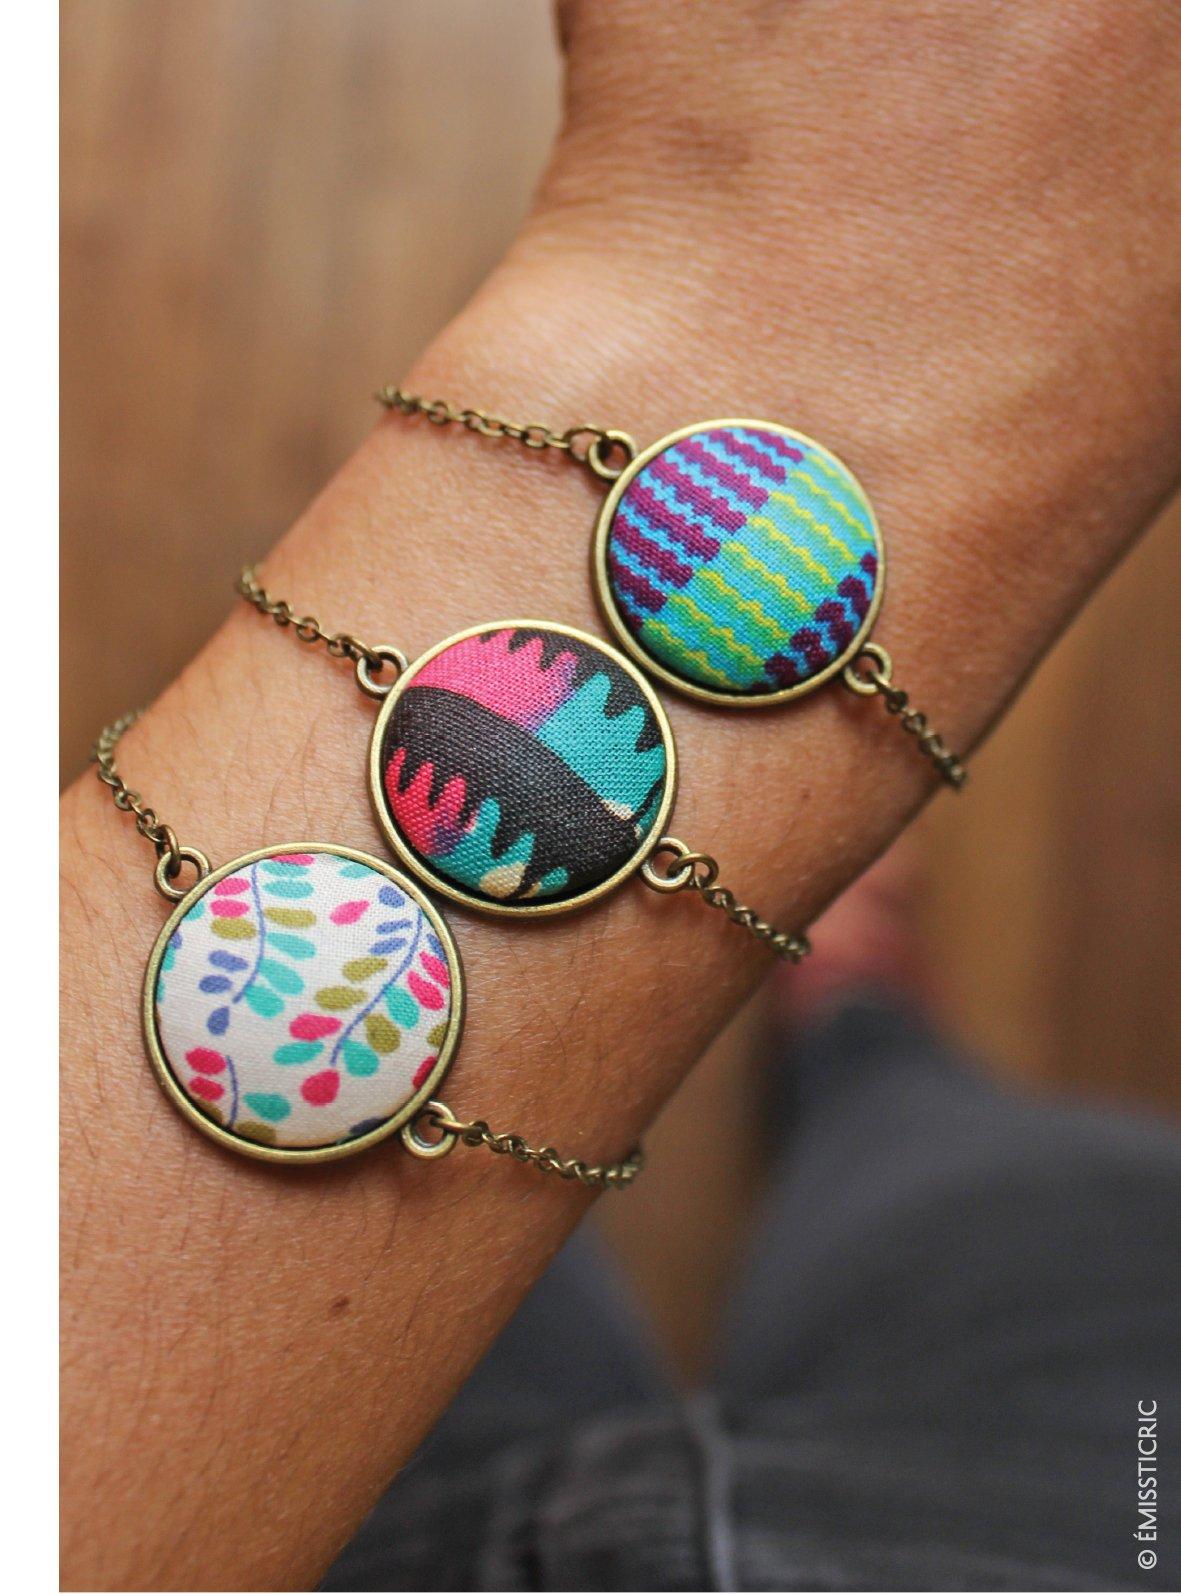 Image of Bourgeons bracelets i